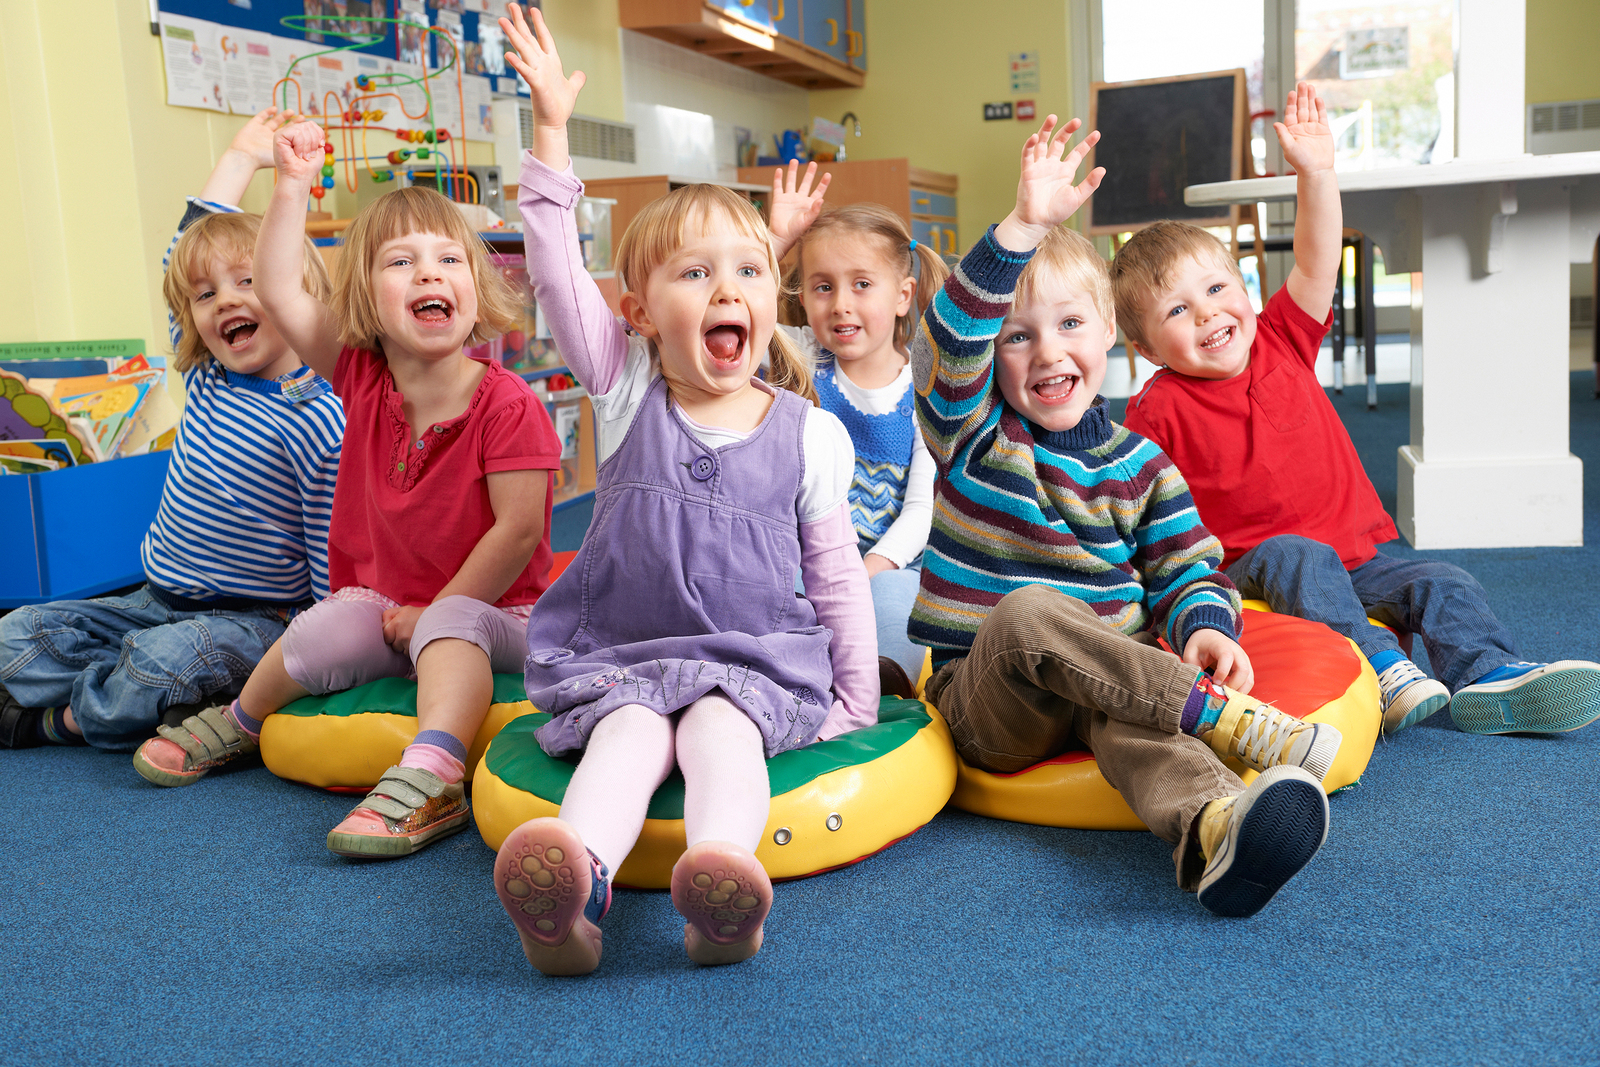 Private Preschool Benefits in Holmdel NJ